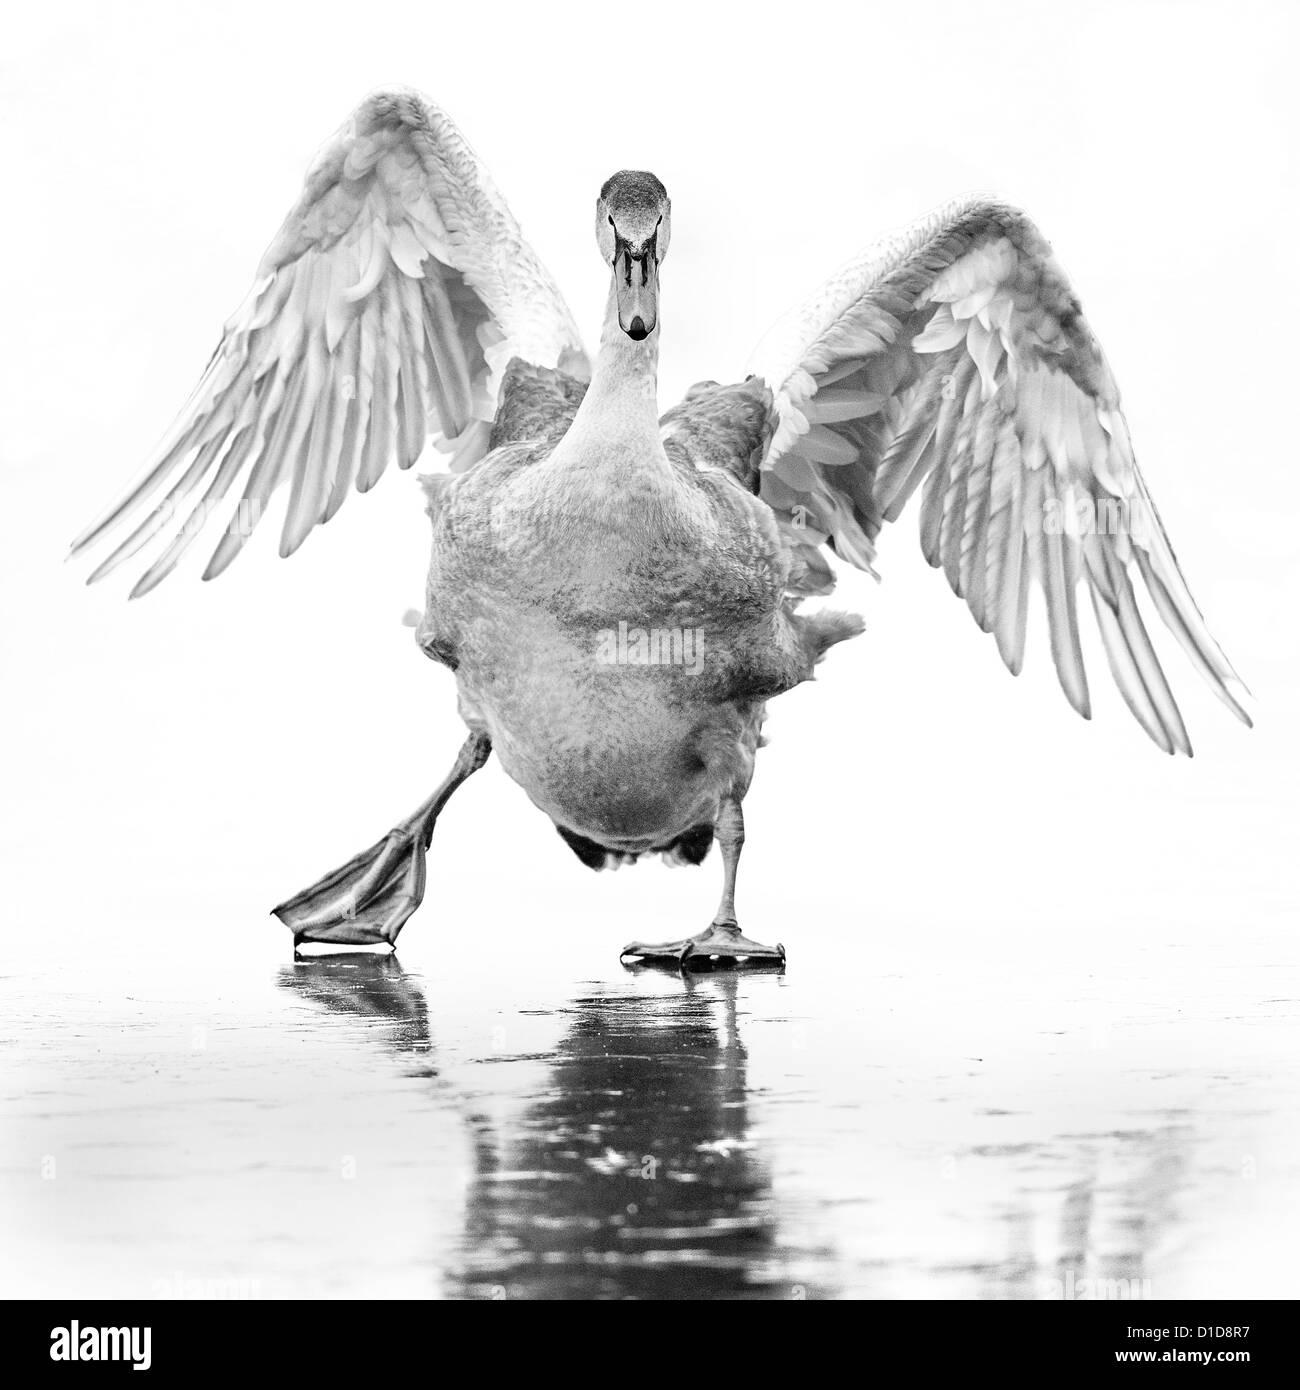 Un joven cisne (Cygnus olor) se desliza sobre un lago congelado en el Lee Valley, Inglaterra. Imagen monocroma. Imagen De Stock